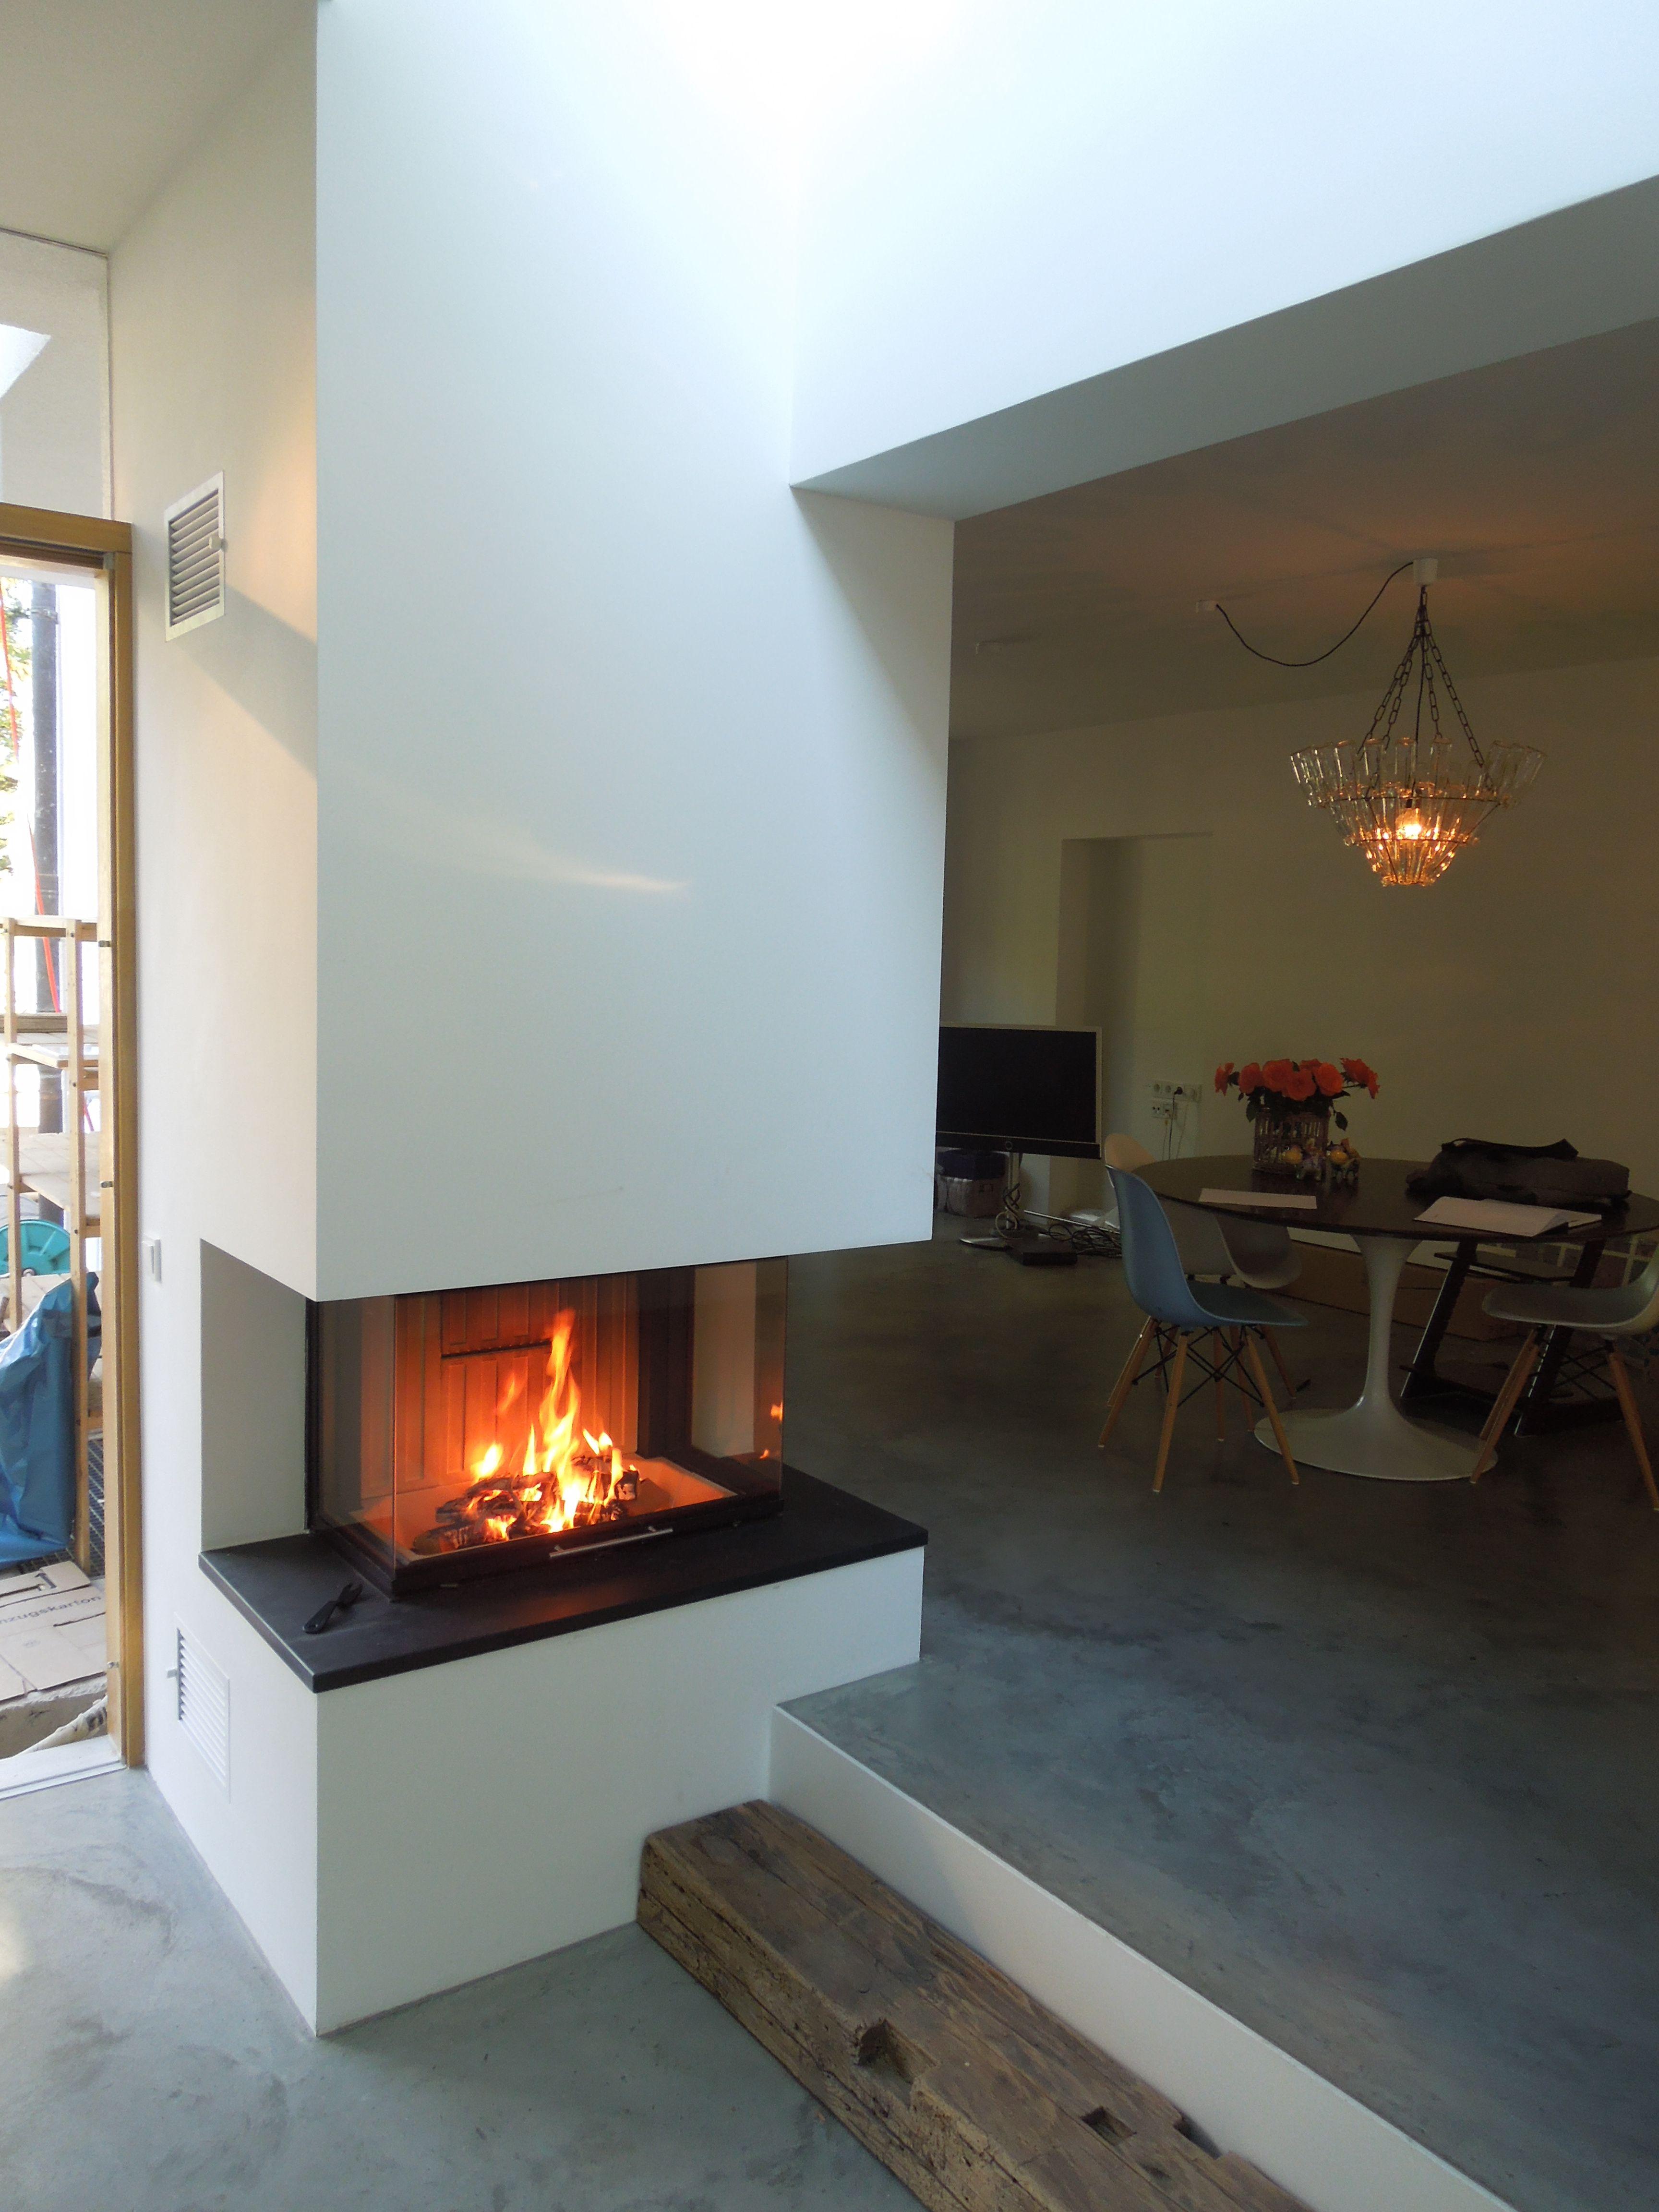 Schon Panorama Kamin In Treppe Integriert. Schlicht Weiß Gemauert Mit Einem  Feuertisch Aus Anthrazitfarbigem Naturschieferstein